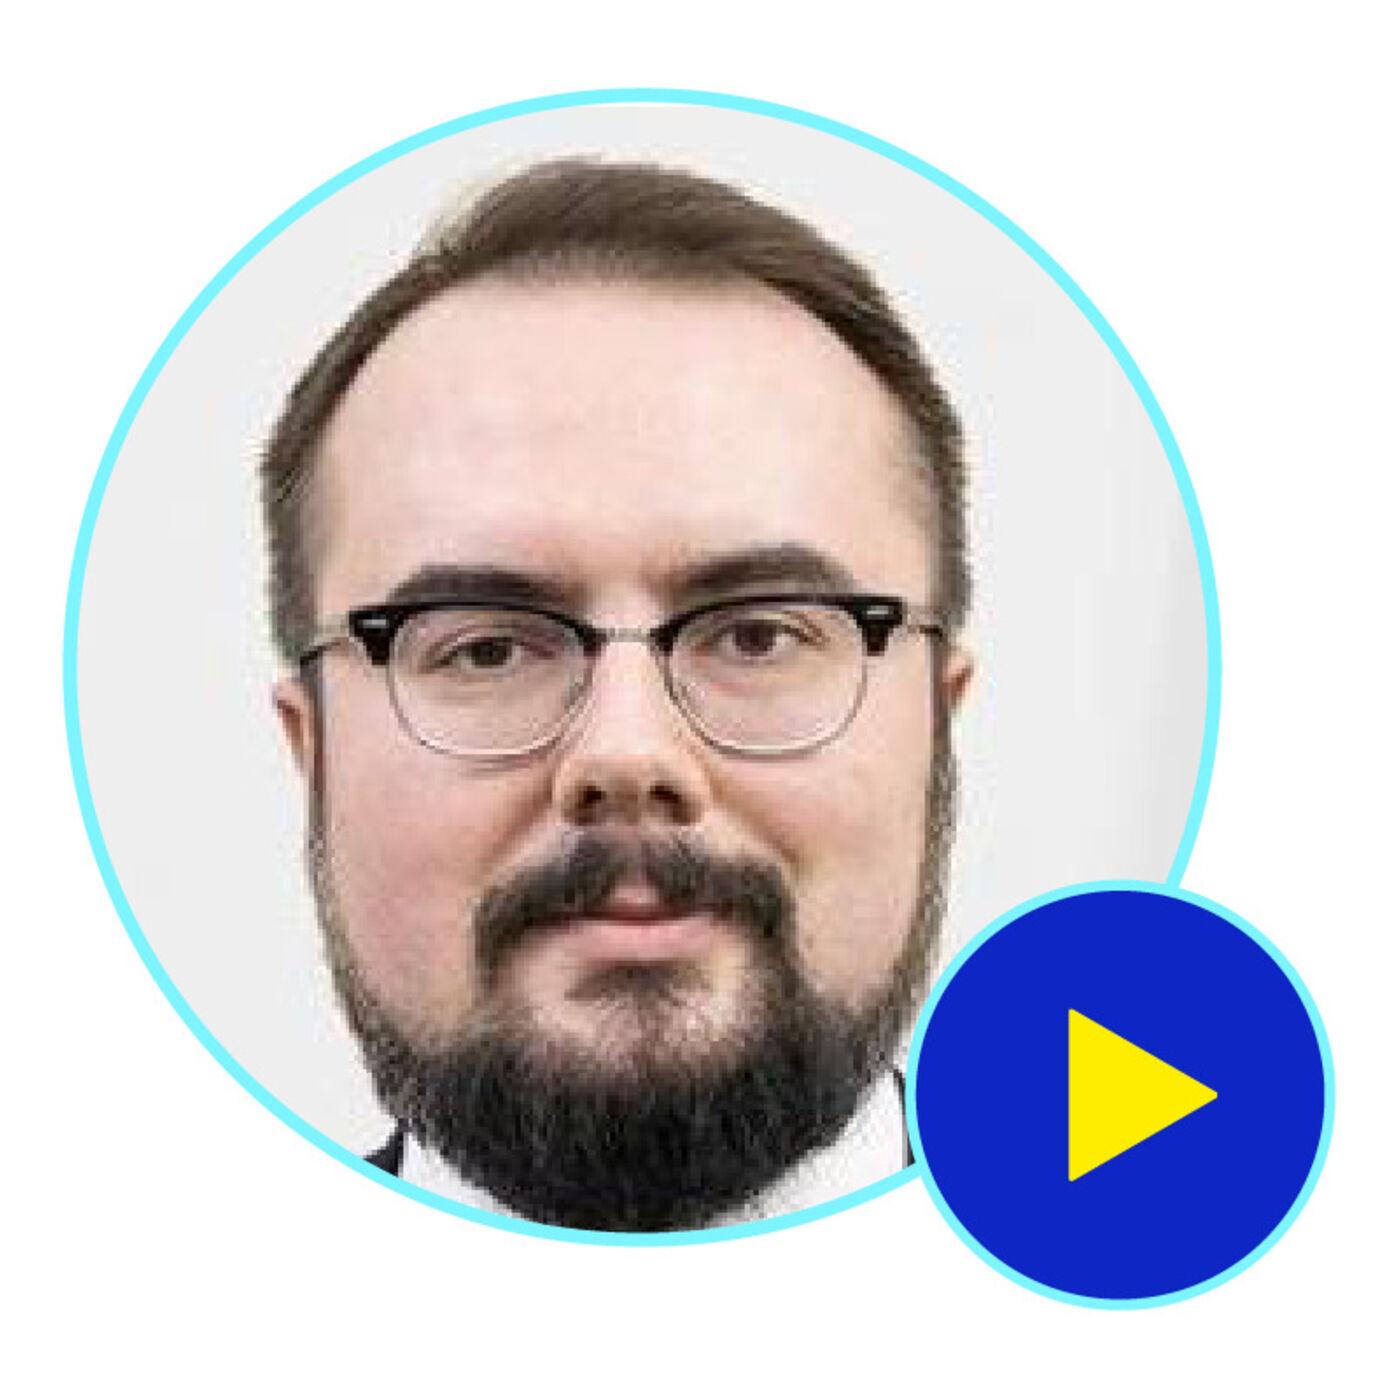 Jakie mogą być ekonomiczne i polityczne skutki kryzysu na Białorusi - gość Paweł Jabłoński